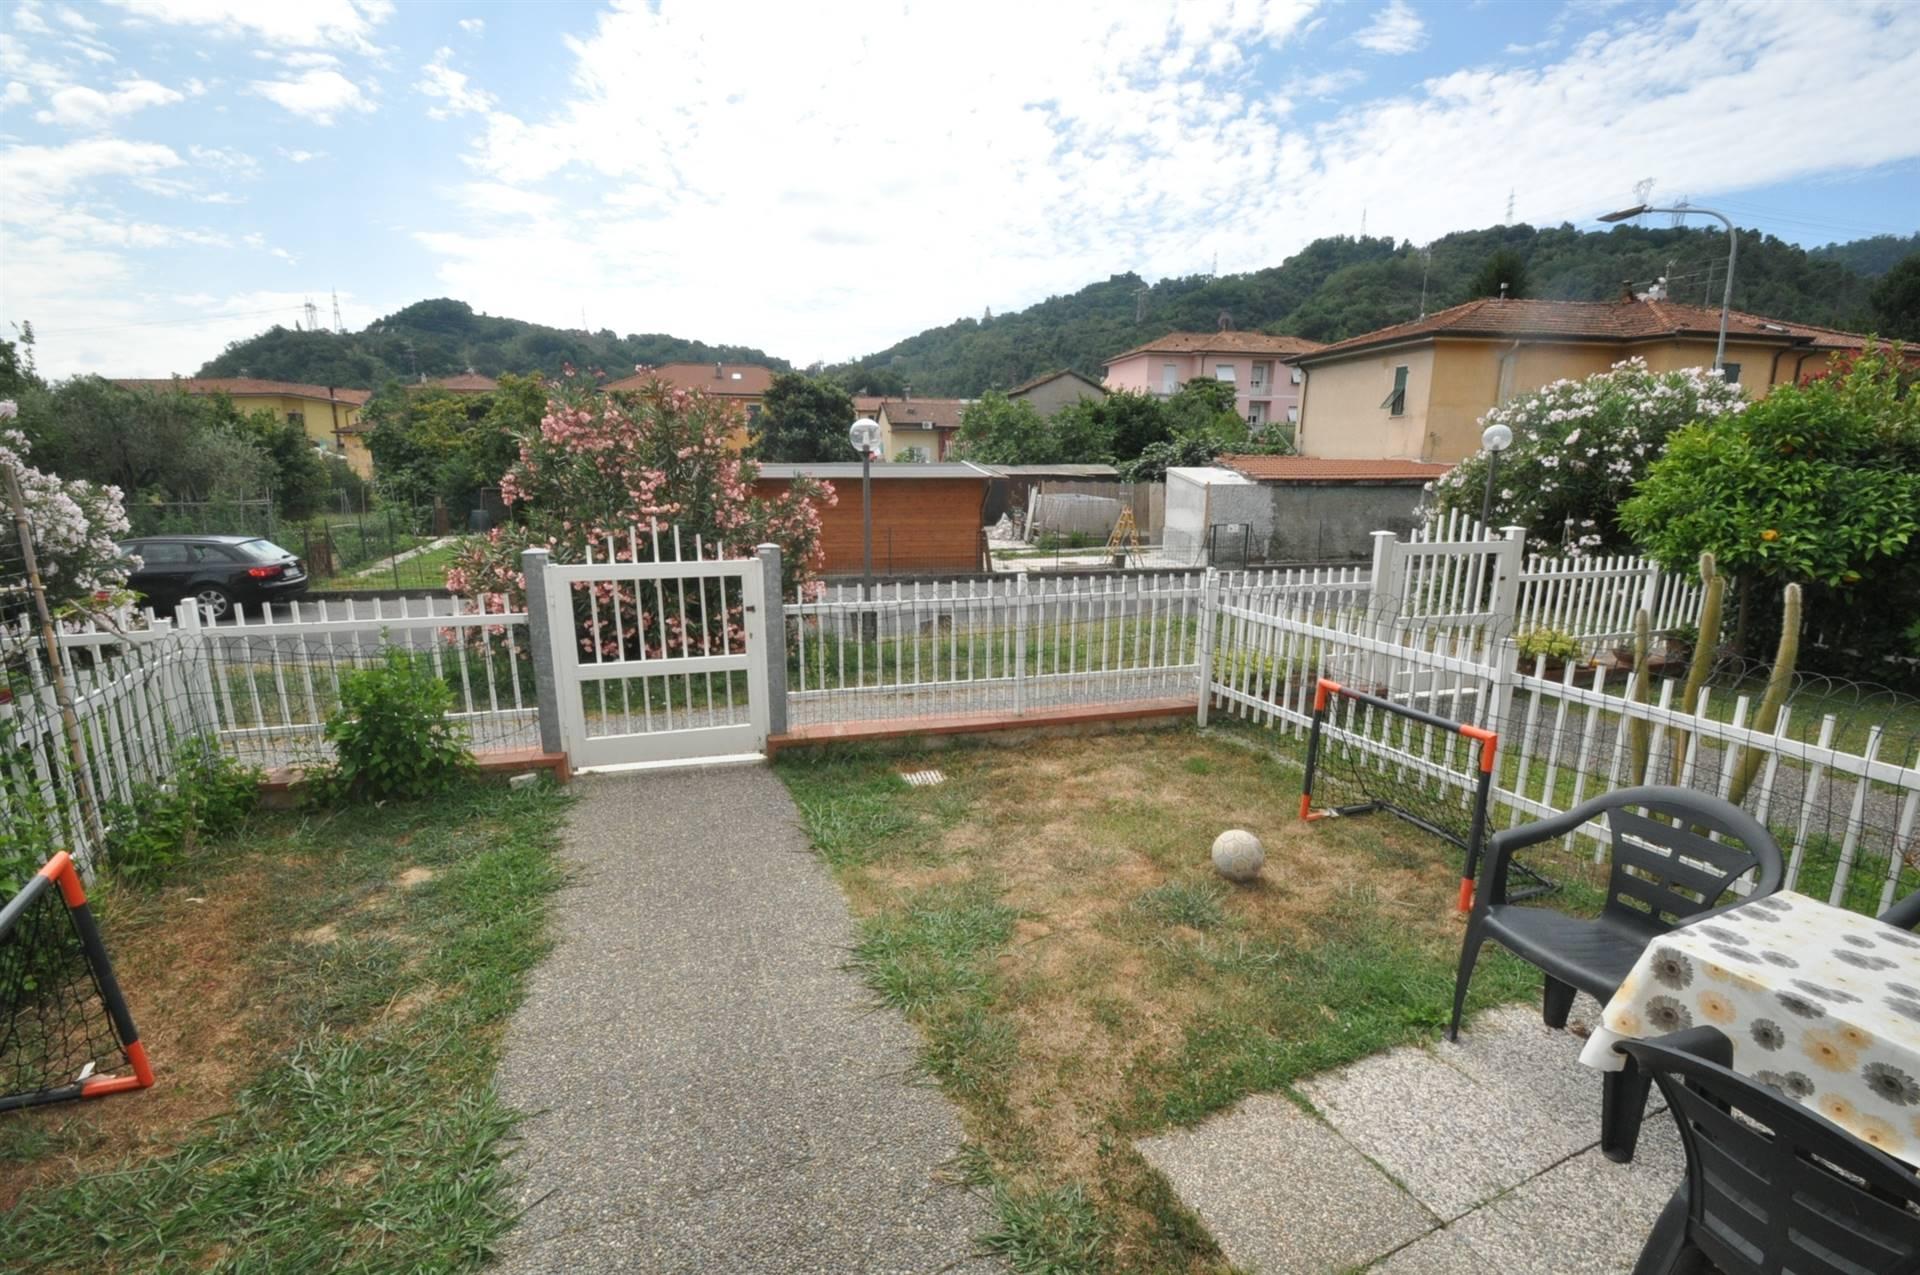 Appartamento In Vendita A Arcola La Spezia Piano Di Arcola Propertyre Agency Rif 9010ra40997